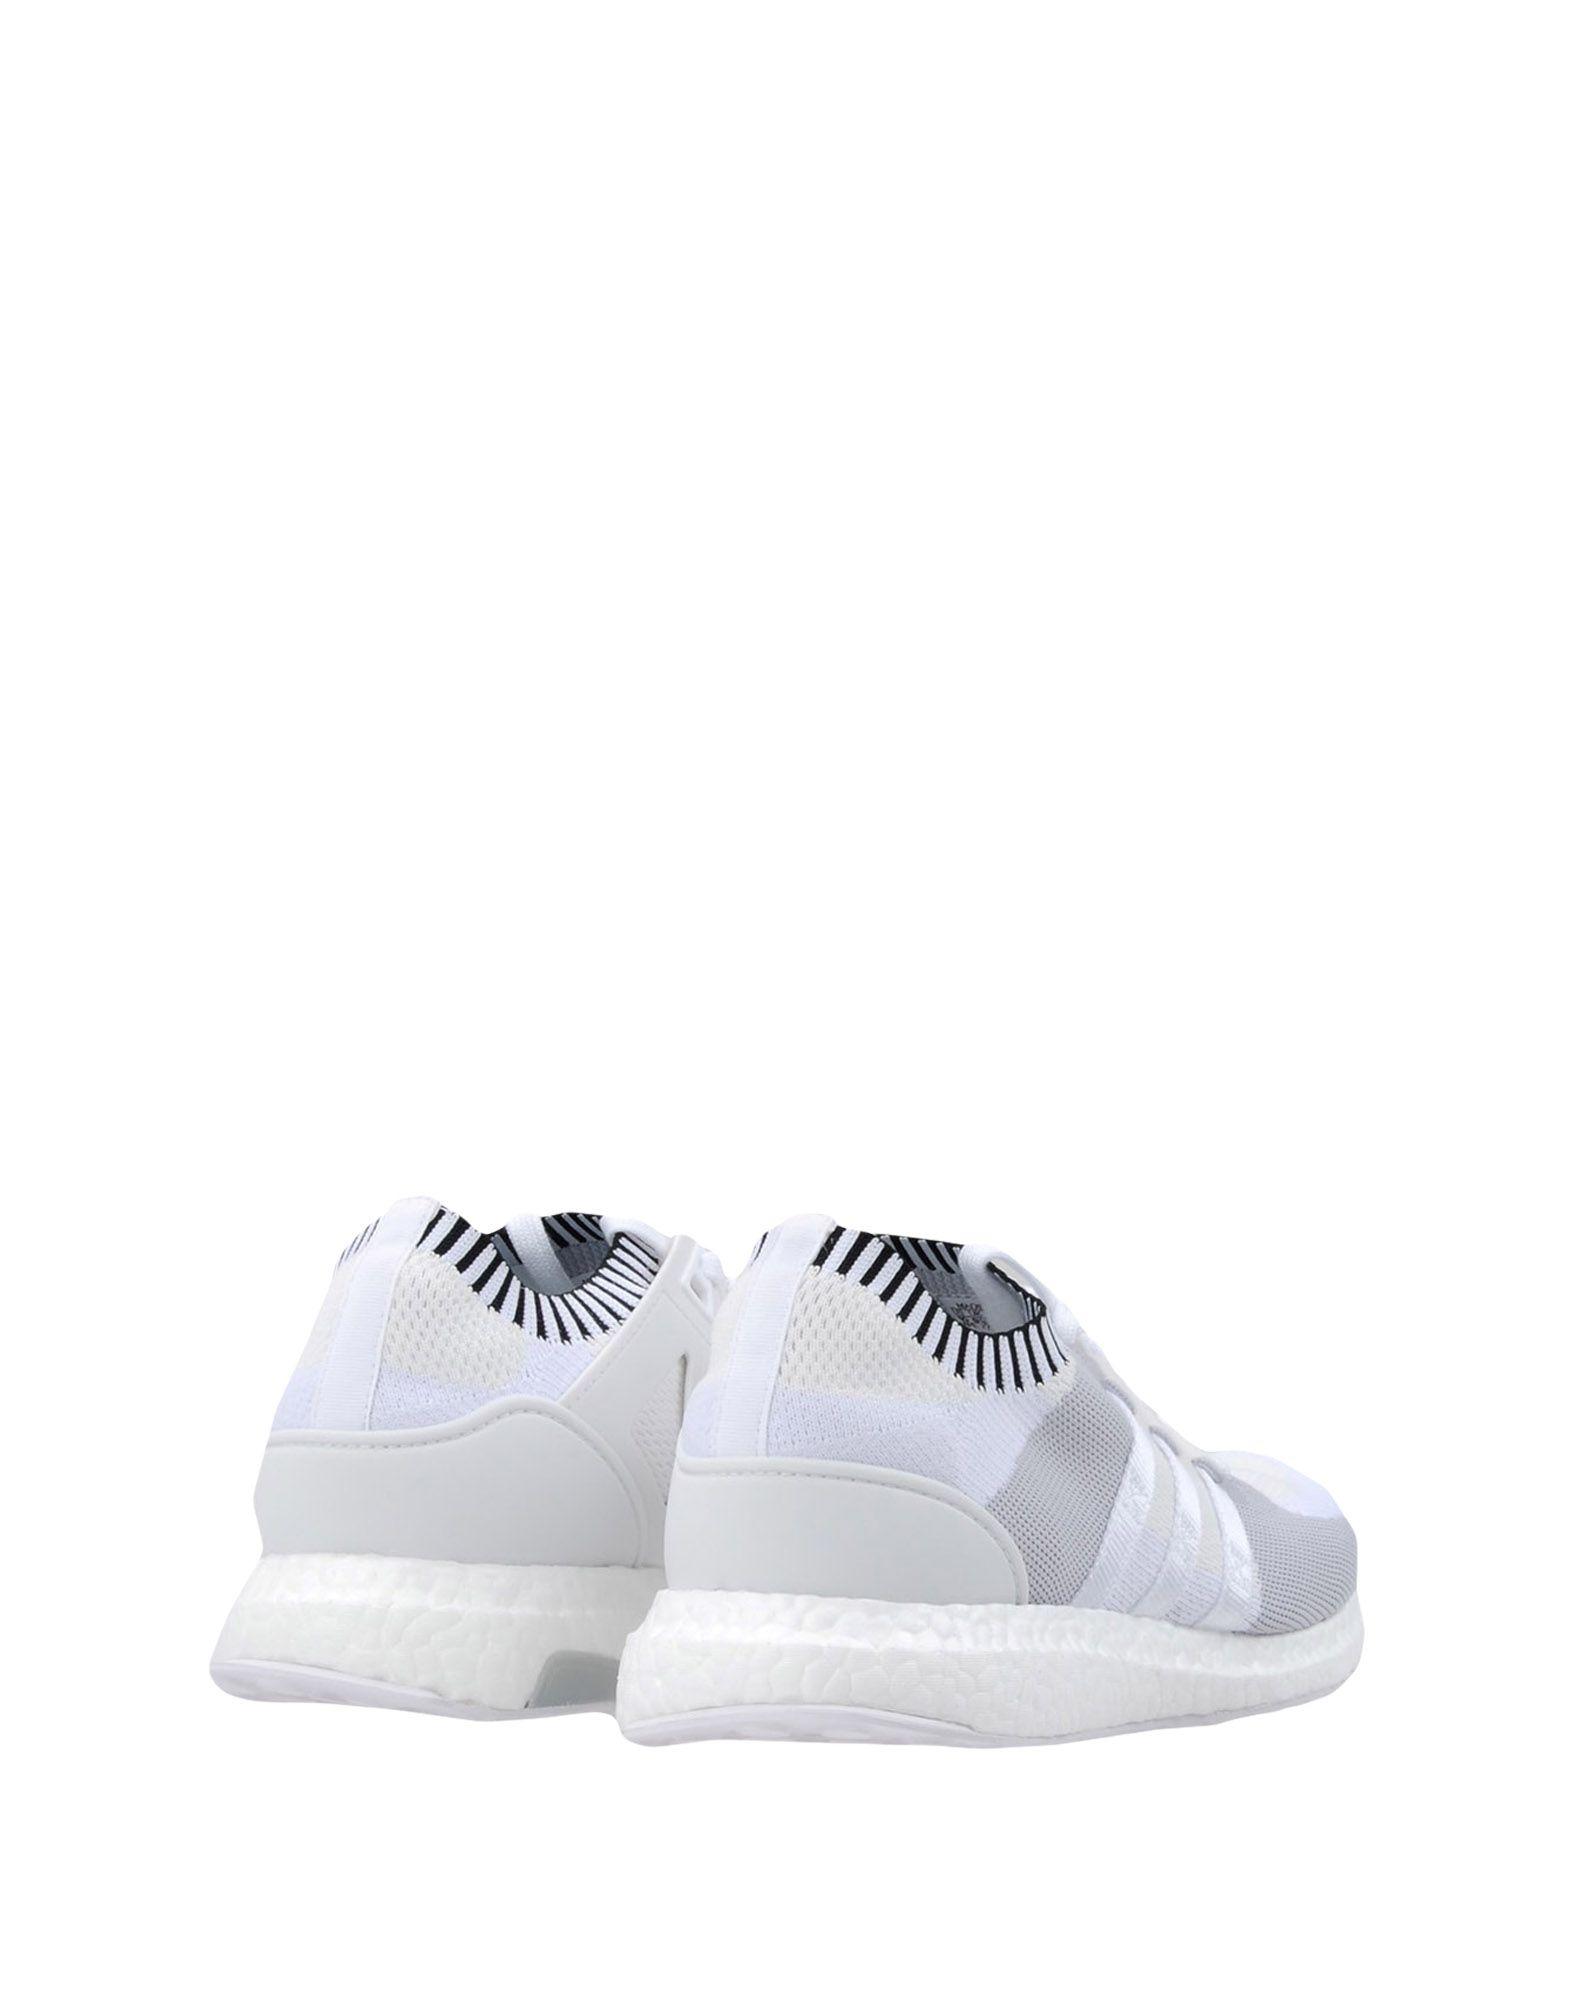 Adidas Originals Eqt 11272273FX Support Ultra P  11272273FX Eqt Gute Qualität beliebte Schuhe 03cfca